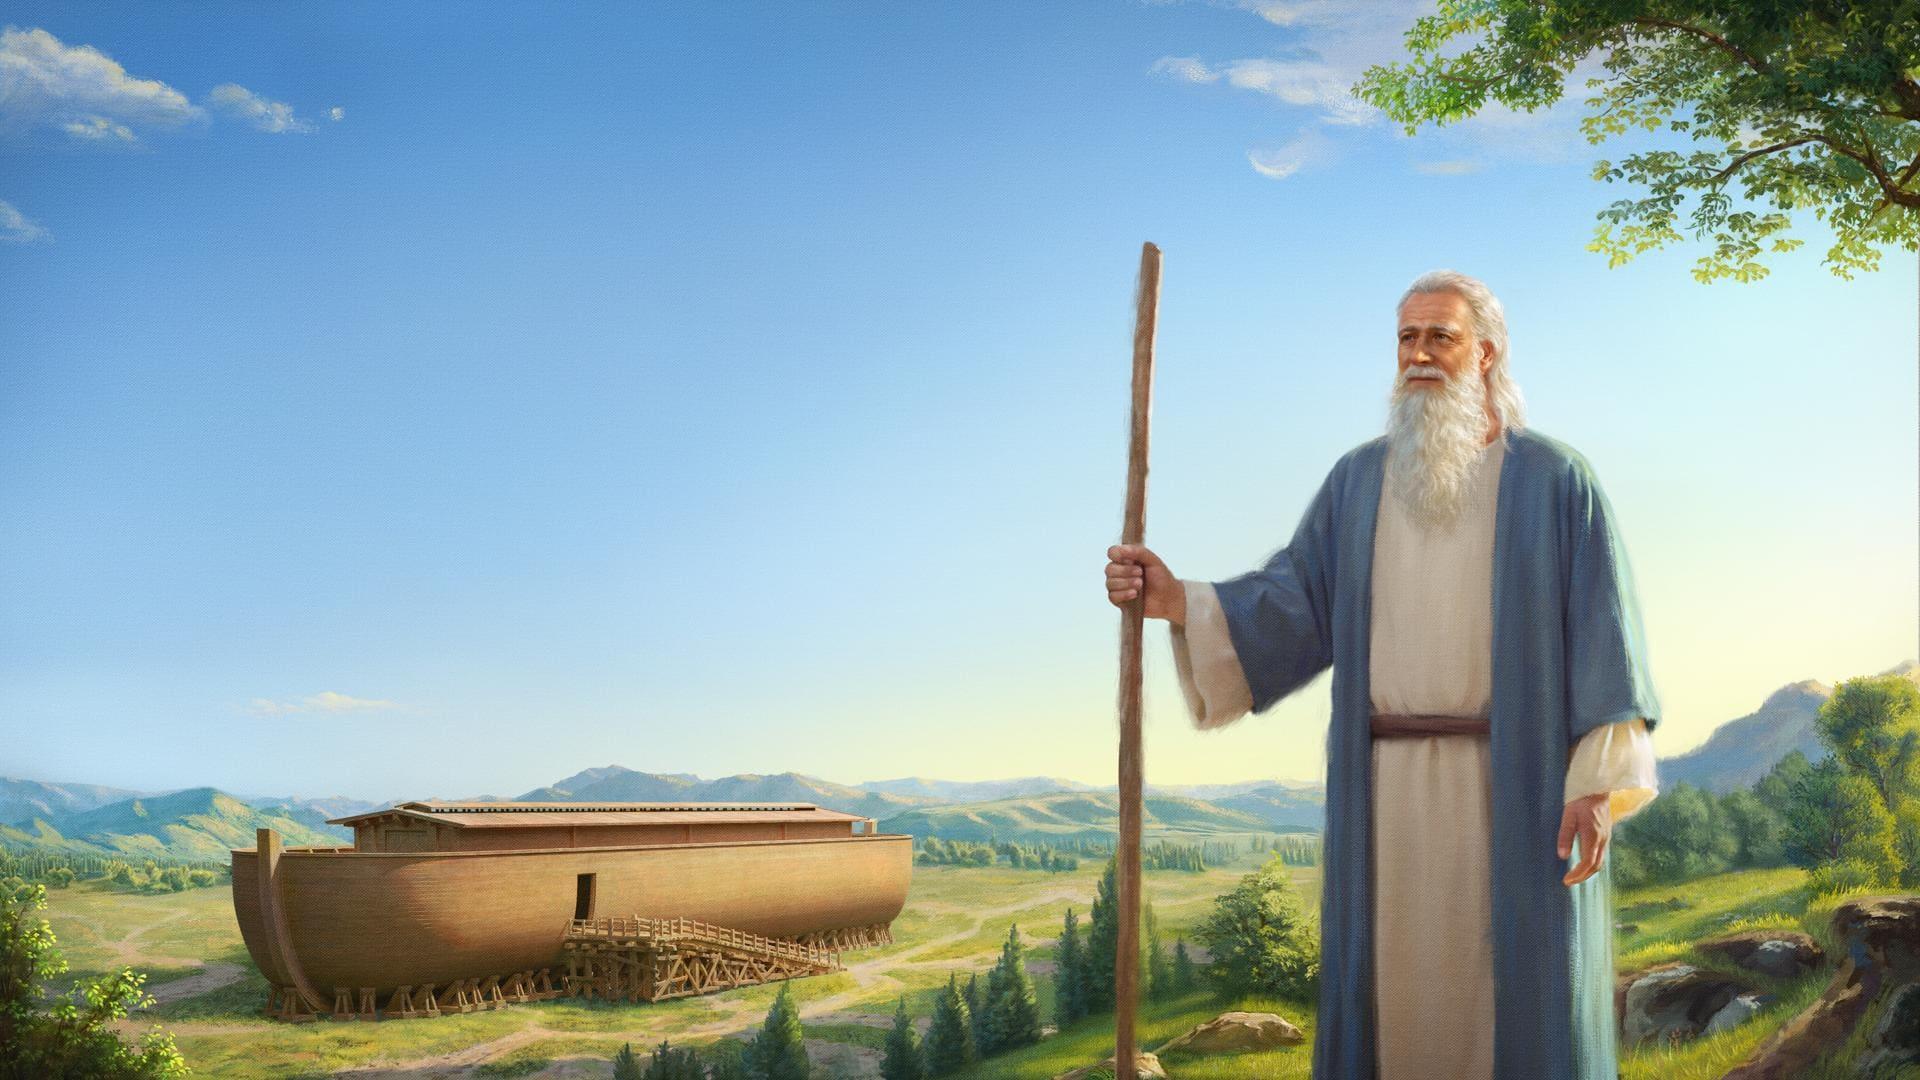 قصة نوح في الكتاب المقدس | الله ينوي أن يدمر العالم بطوفان، ويطلب من نوح بناء فلك